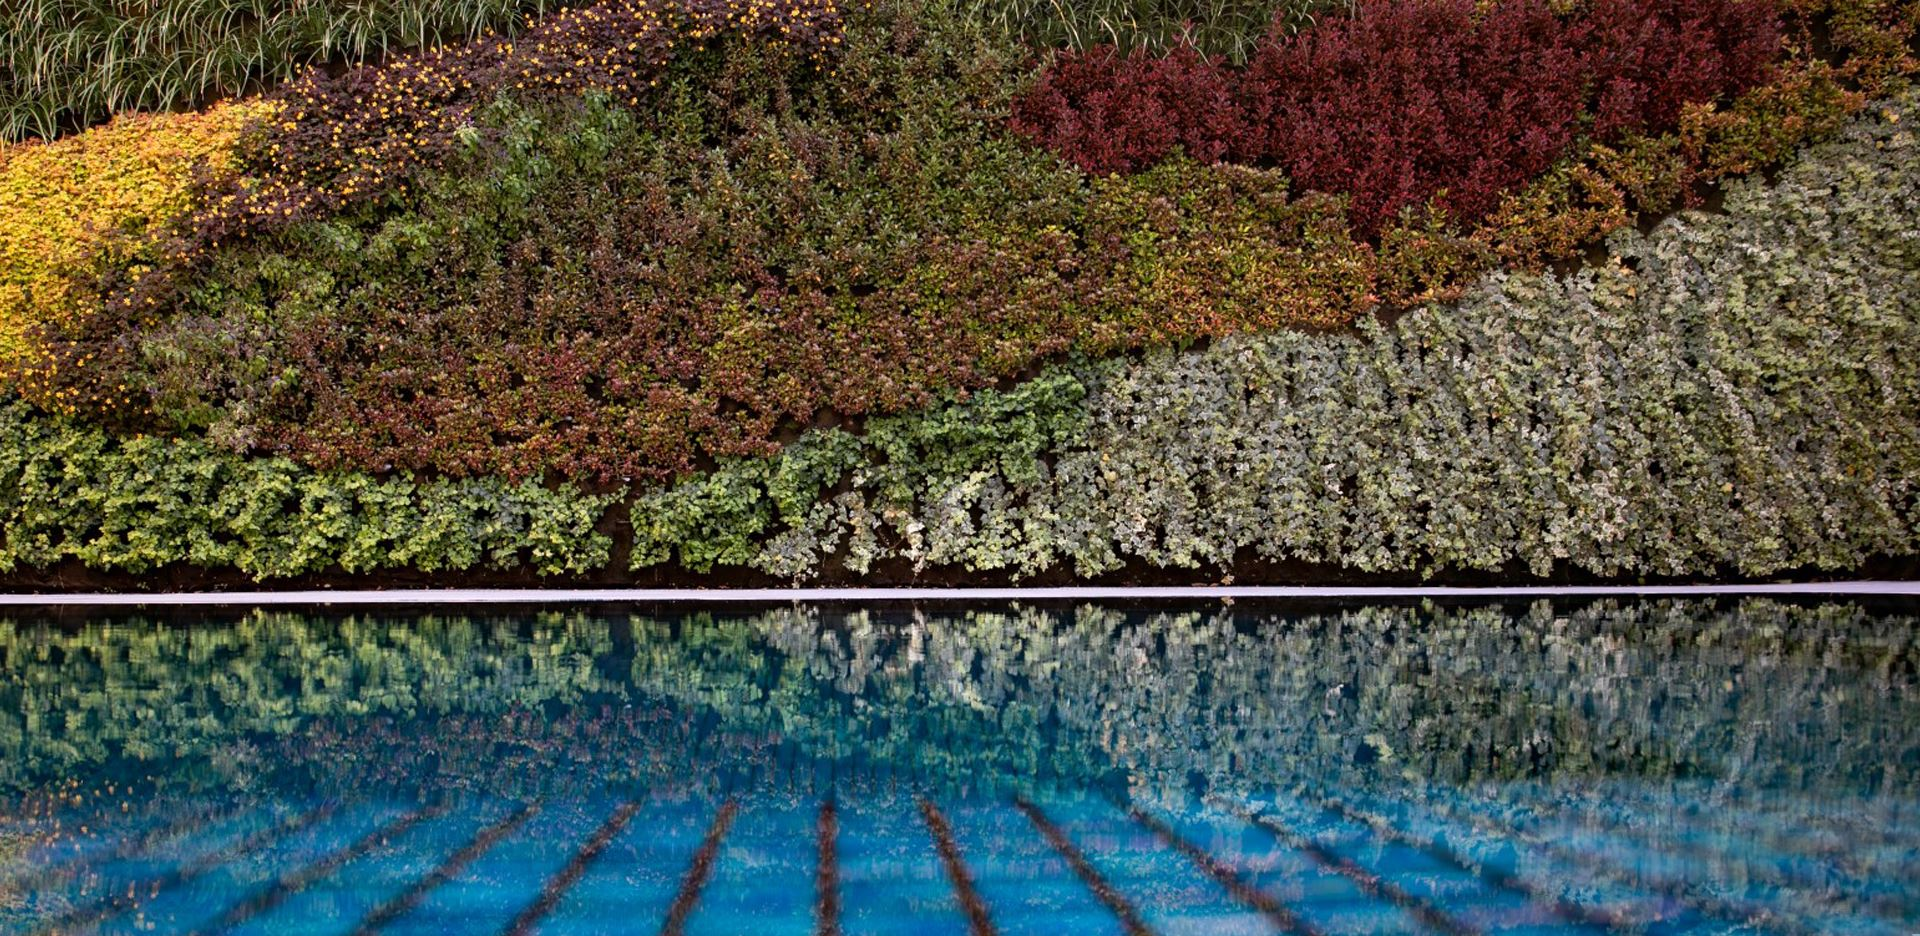 גינה ורטיקלית על שפת הבריכה